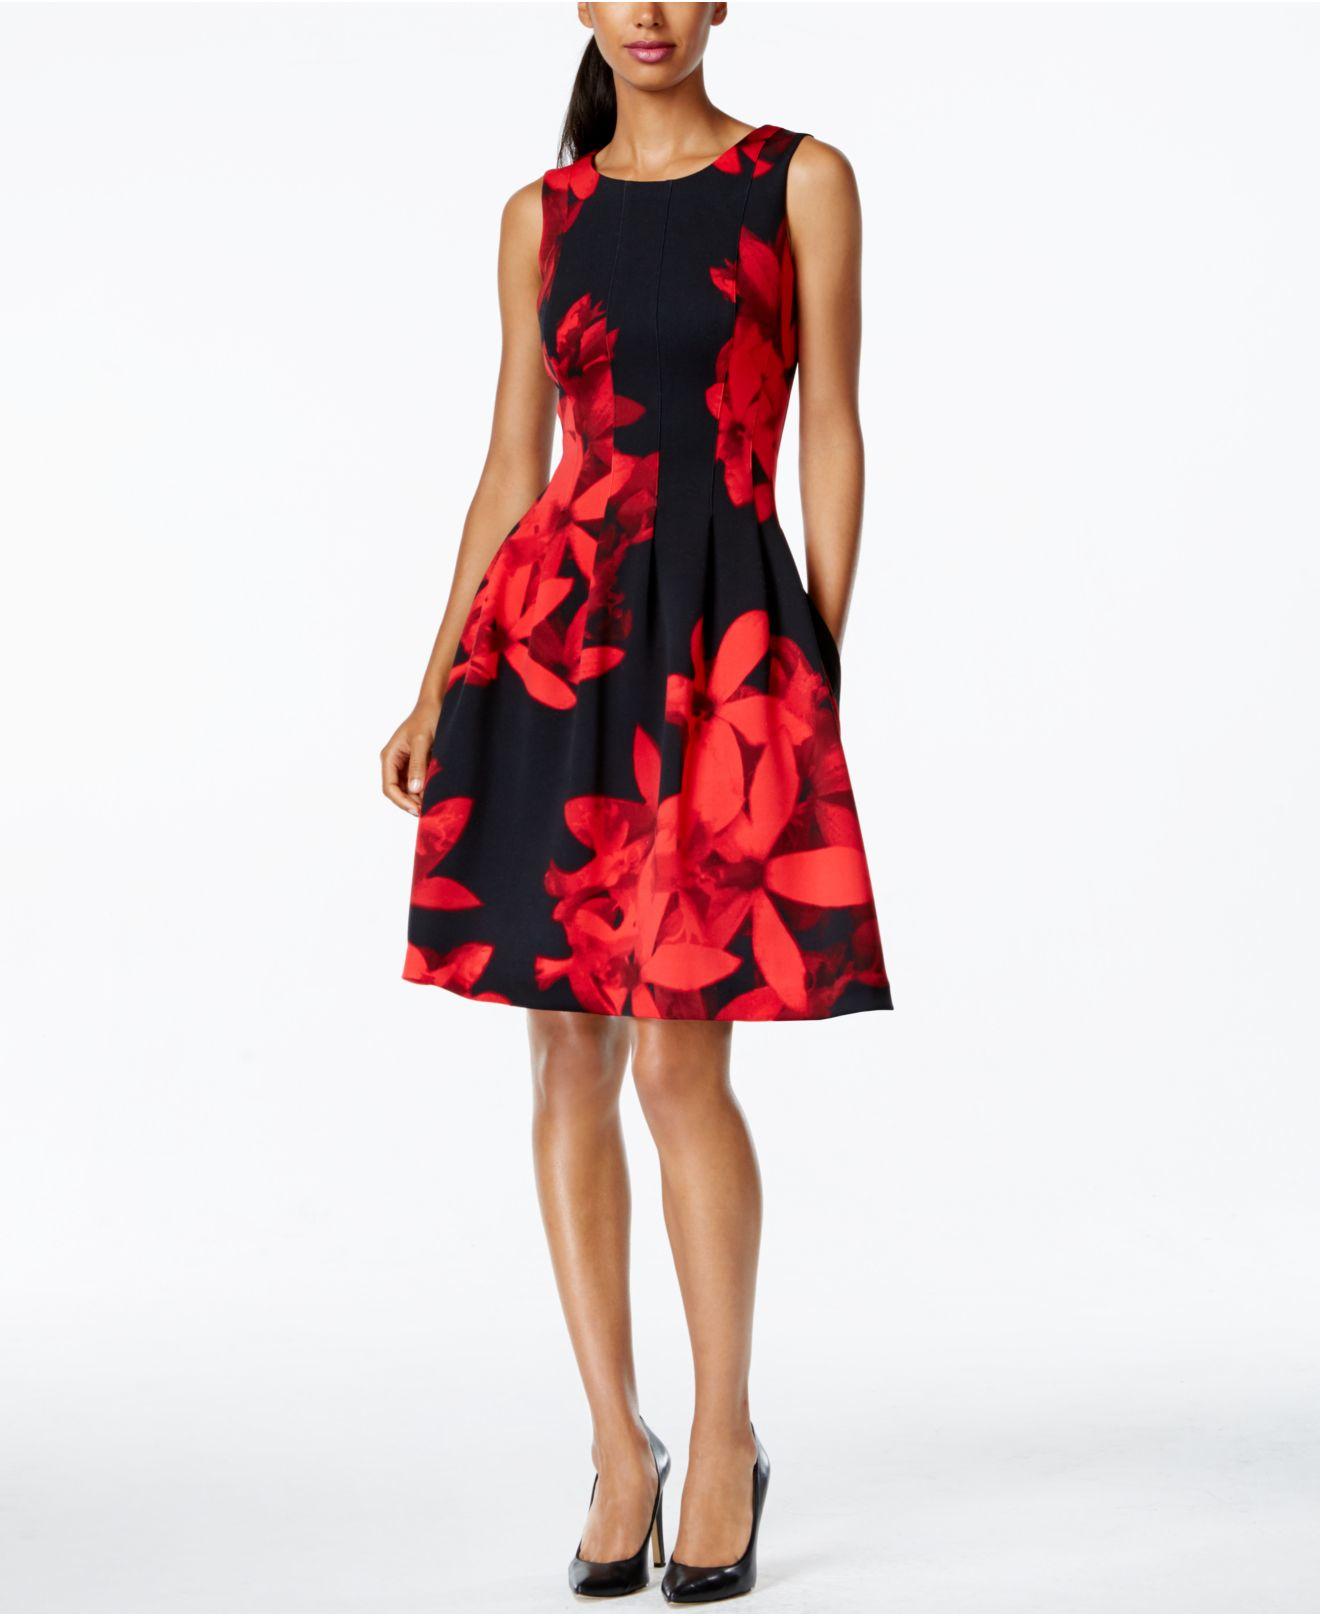 Calvin Klein Seamed Side Pocket Floral Dress In Black Lyst